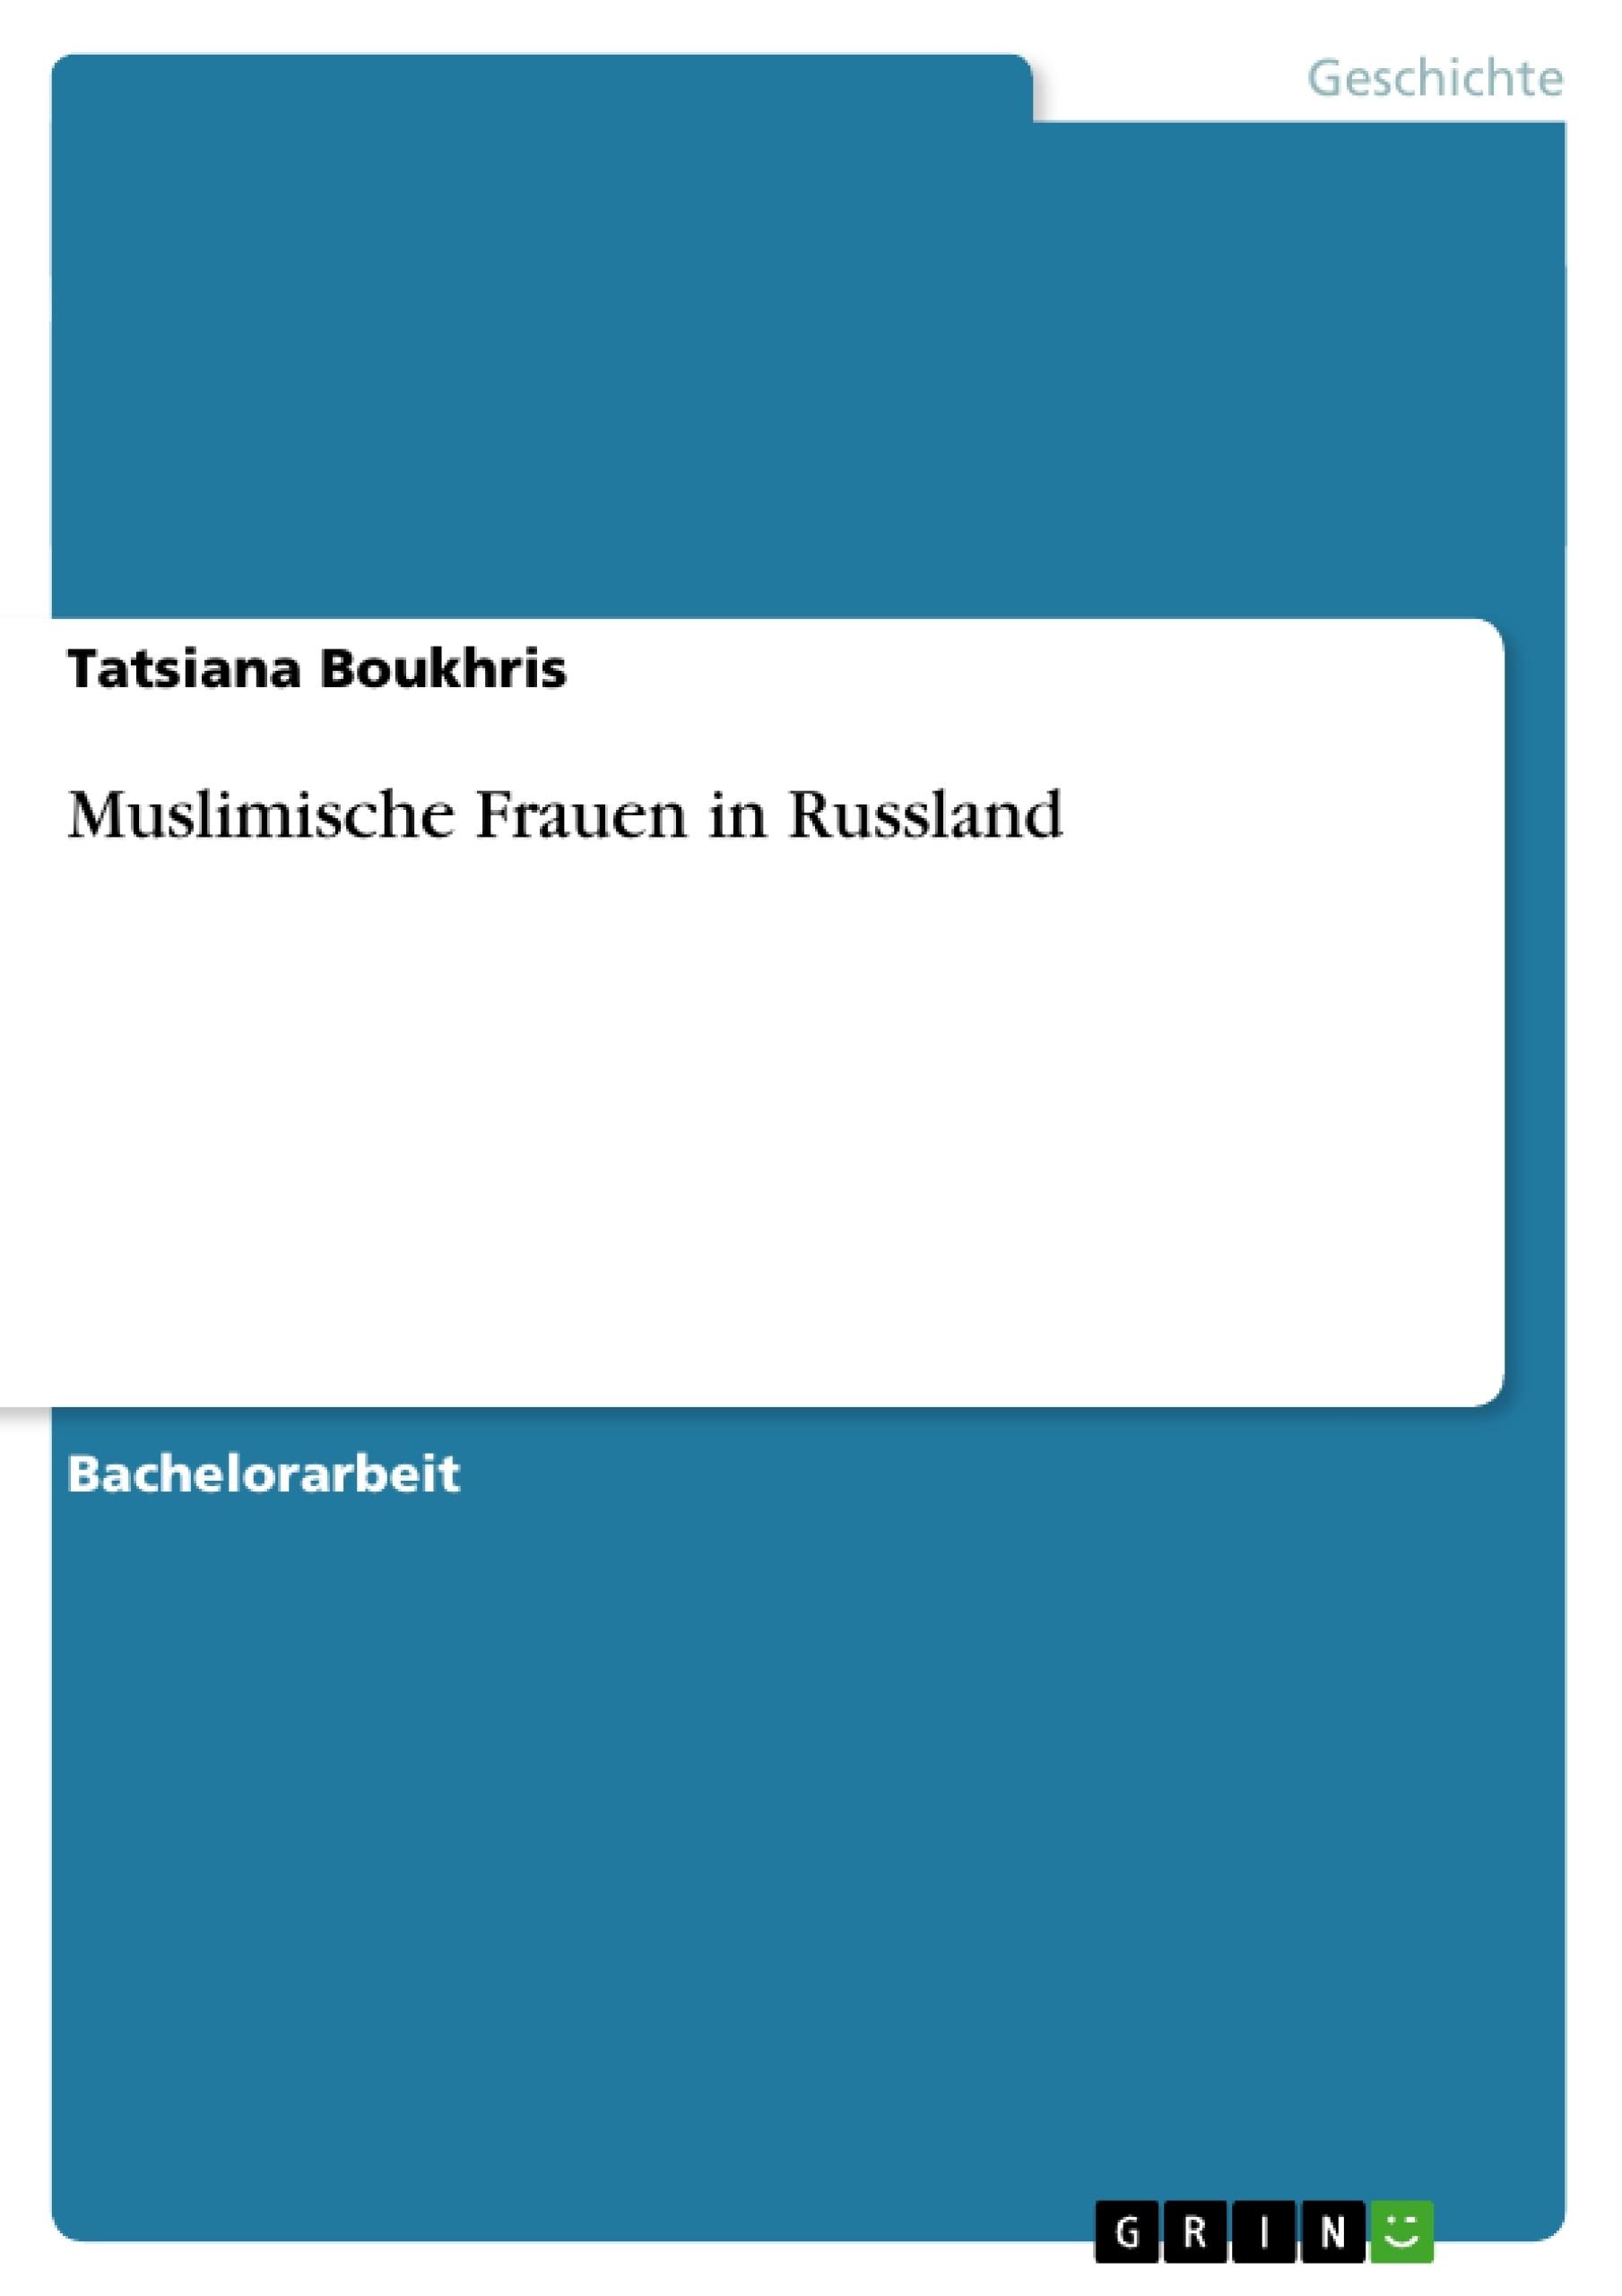 Titel: Muslimische Frauen in Russland